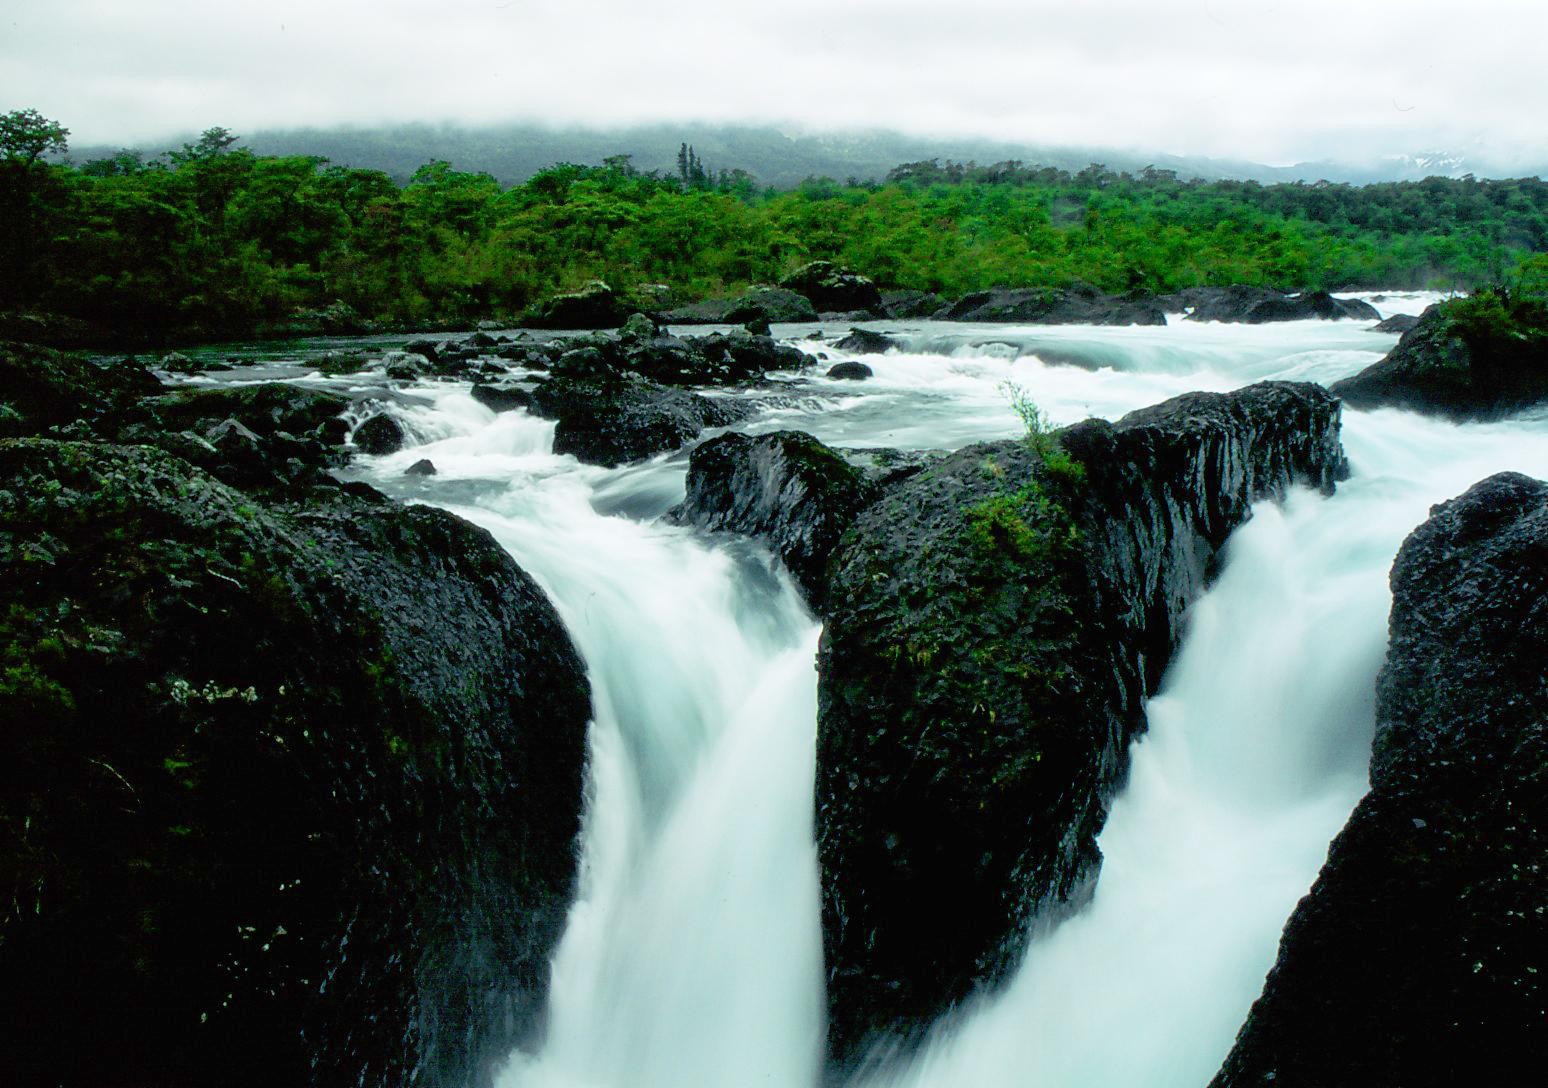 The Petrohue Falls at Petrohue National Park Chile